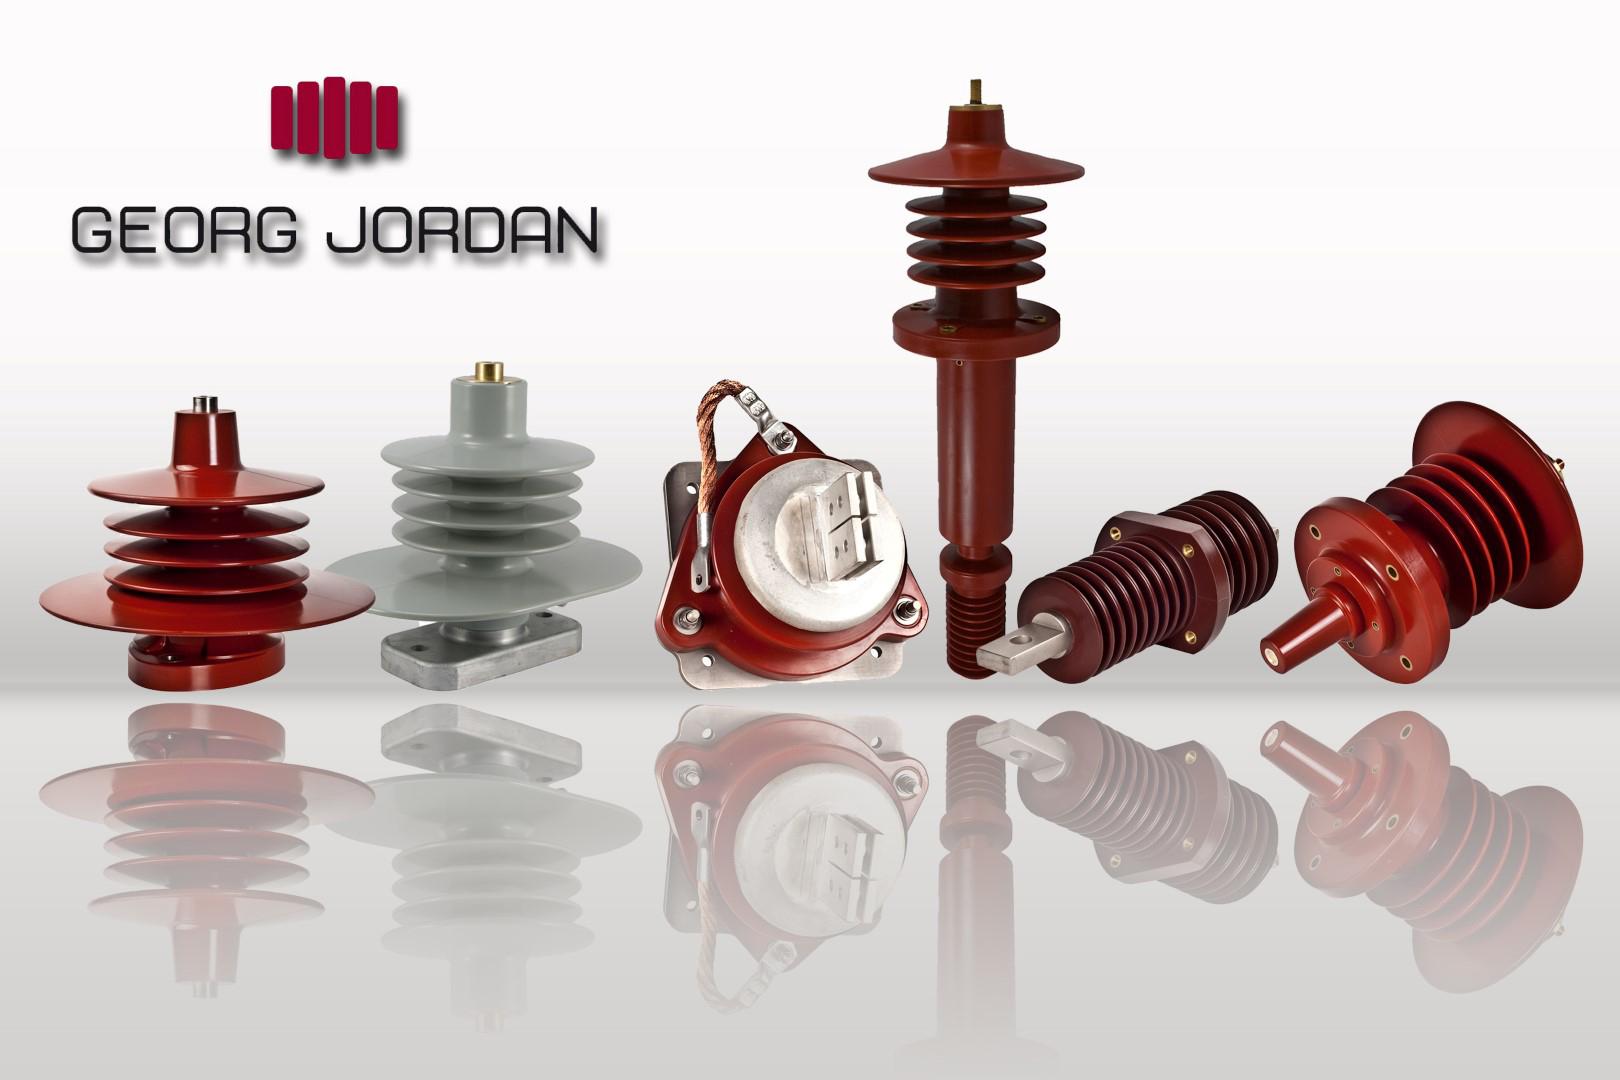 Das Bild zeigt einen Flyer der Georg Jordan GmbH